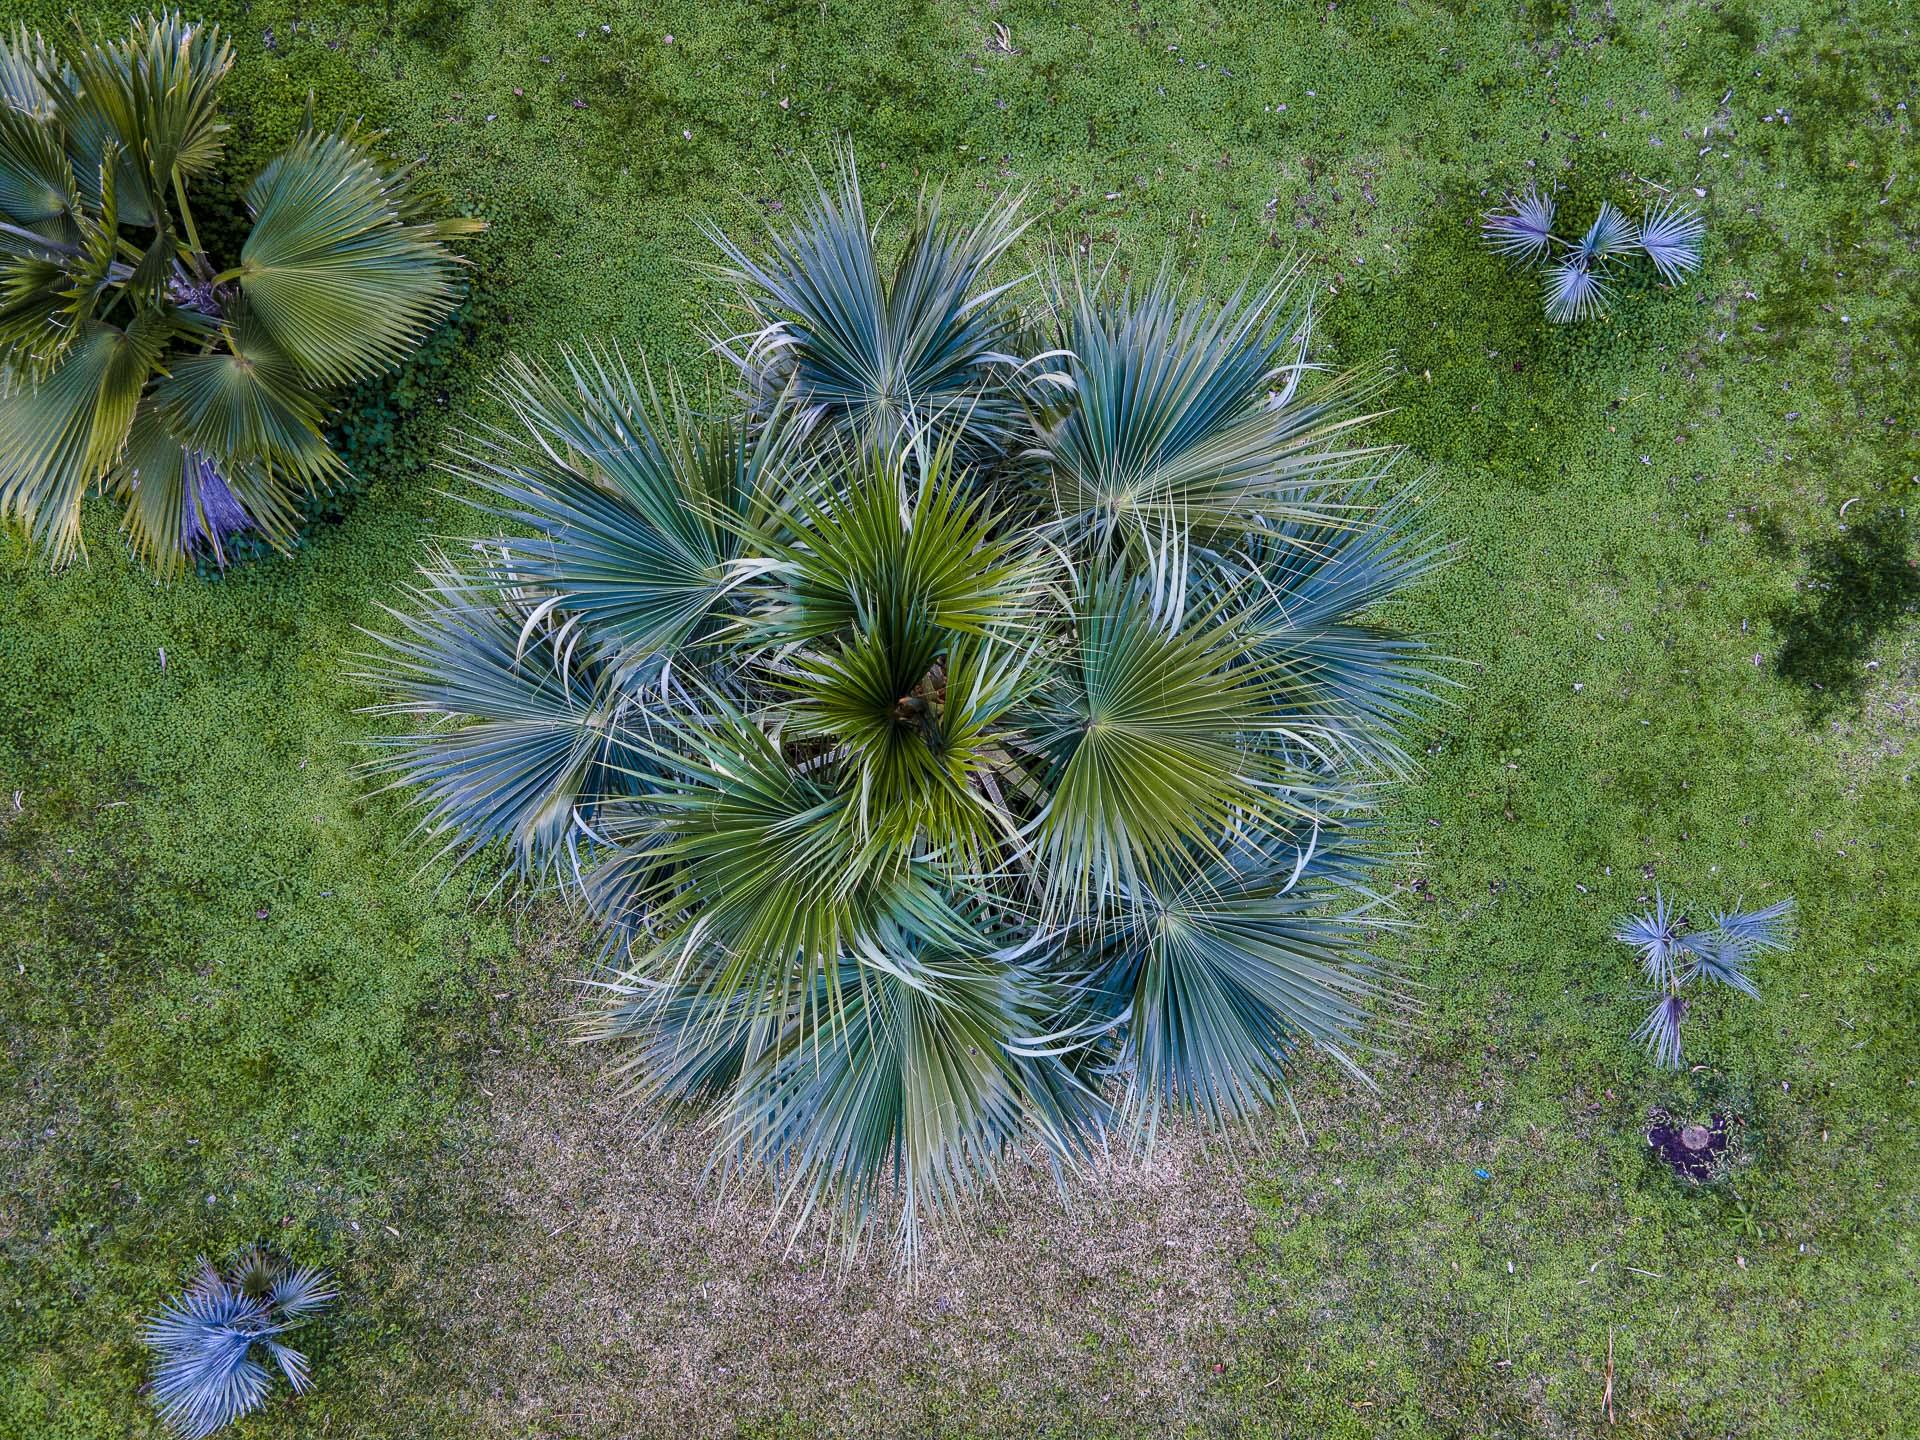 Orto_Botanico_044DJI_0028